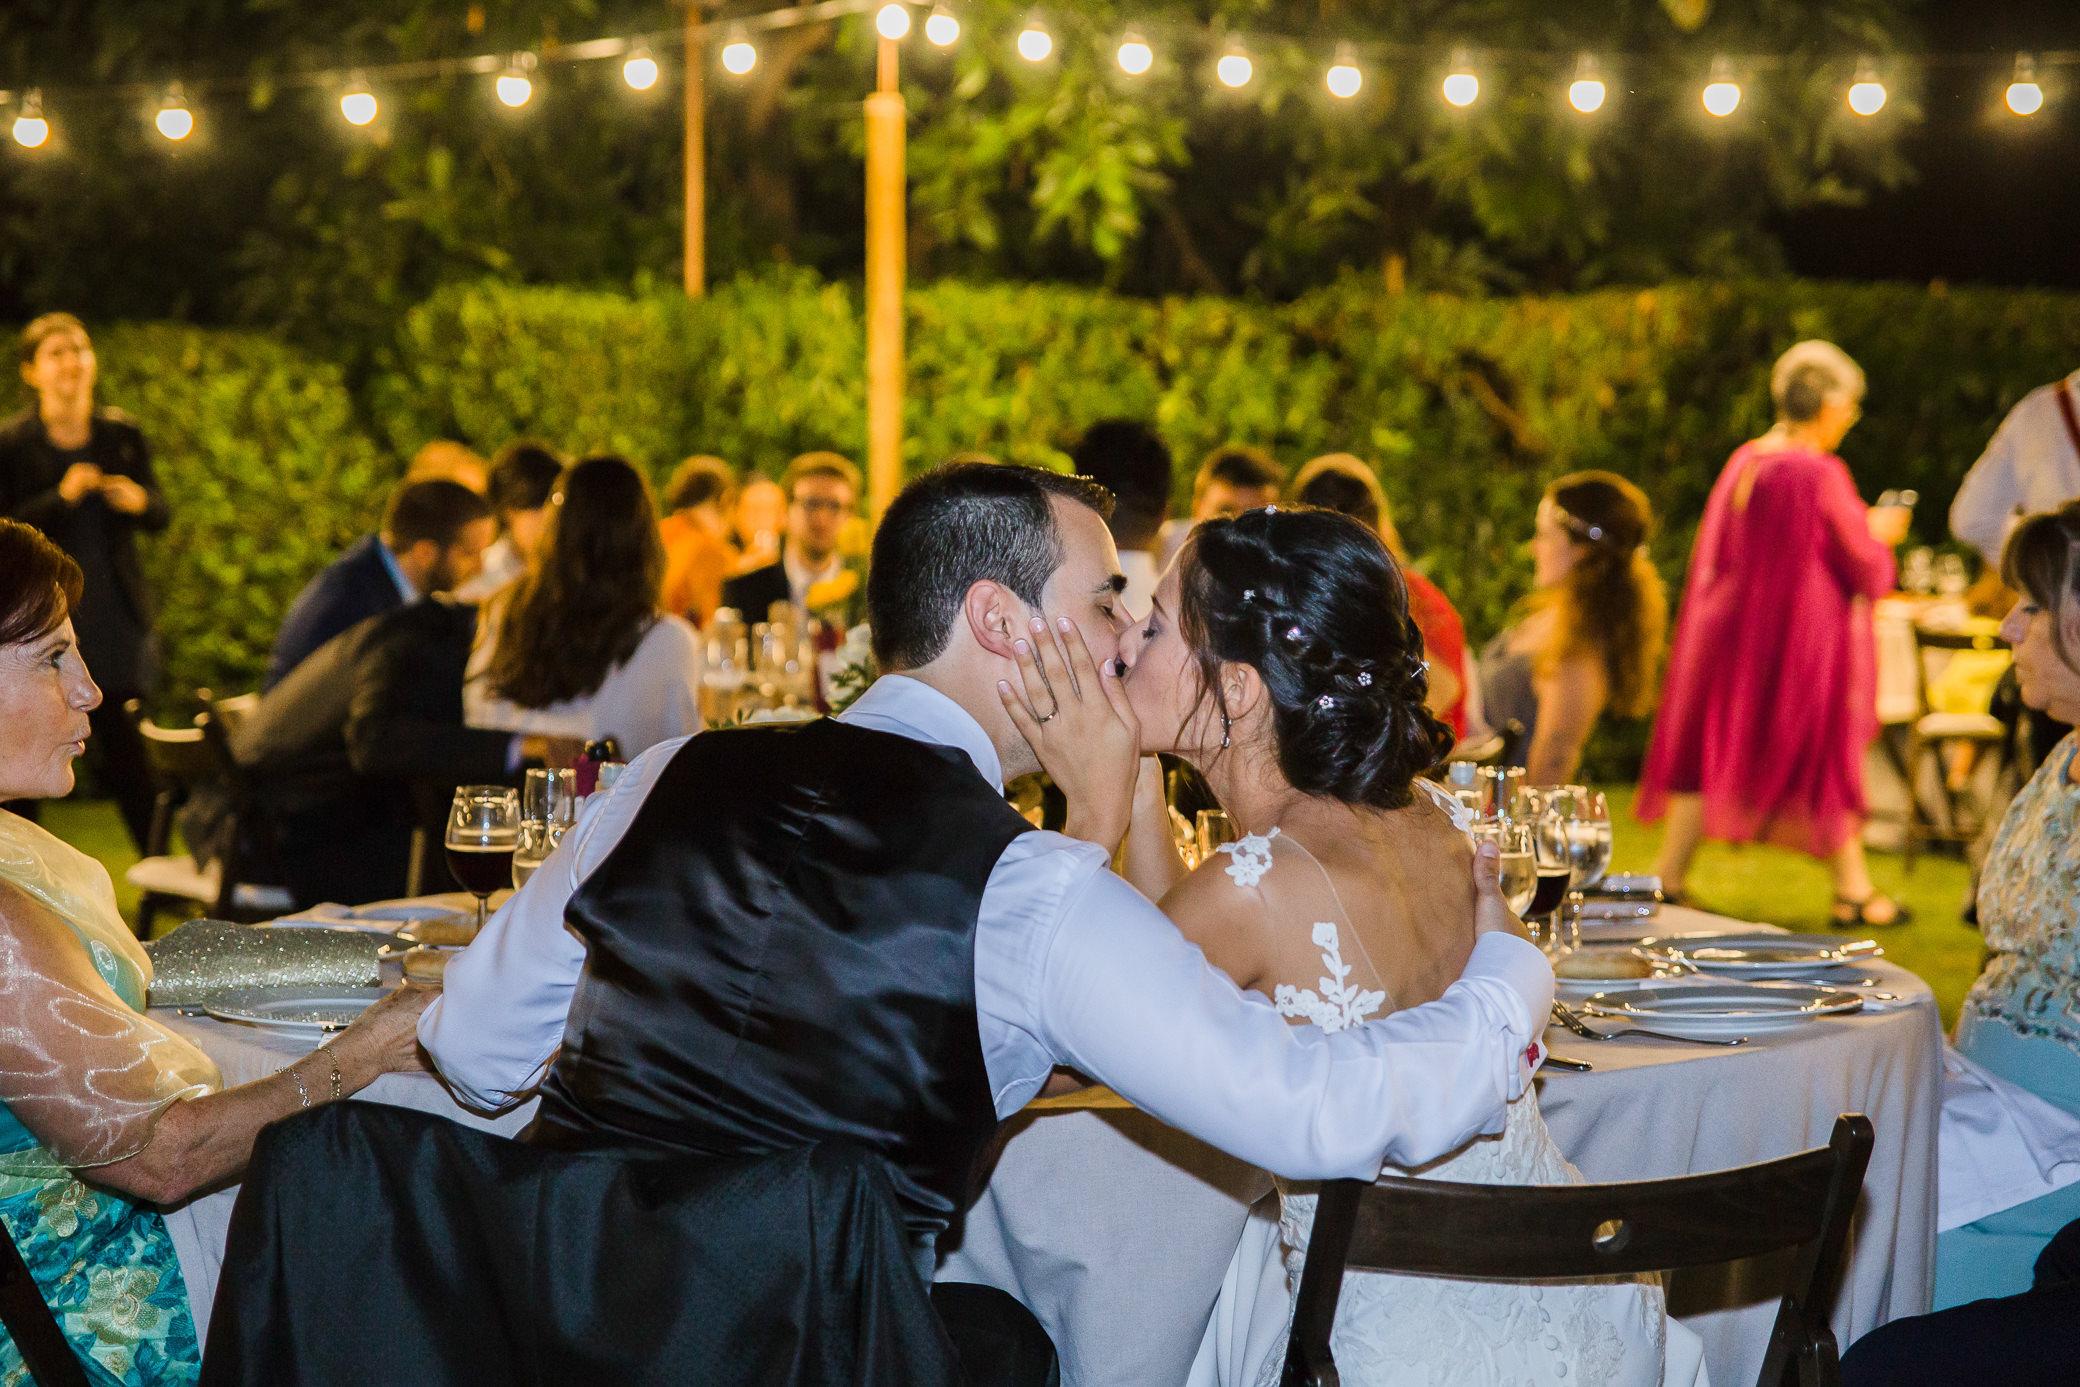 boda-aire-libre-can-tosca-photografeel-67.jpg